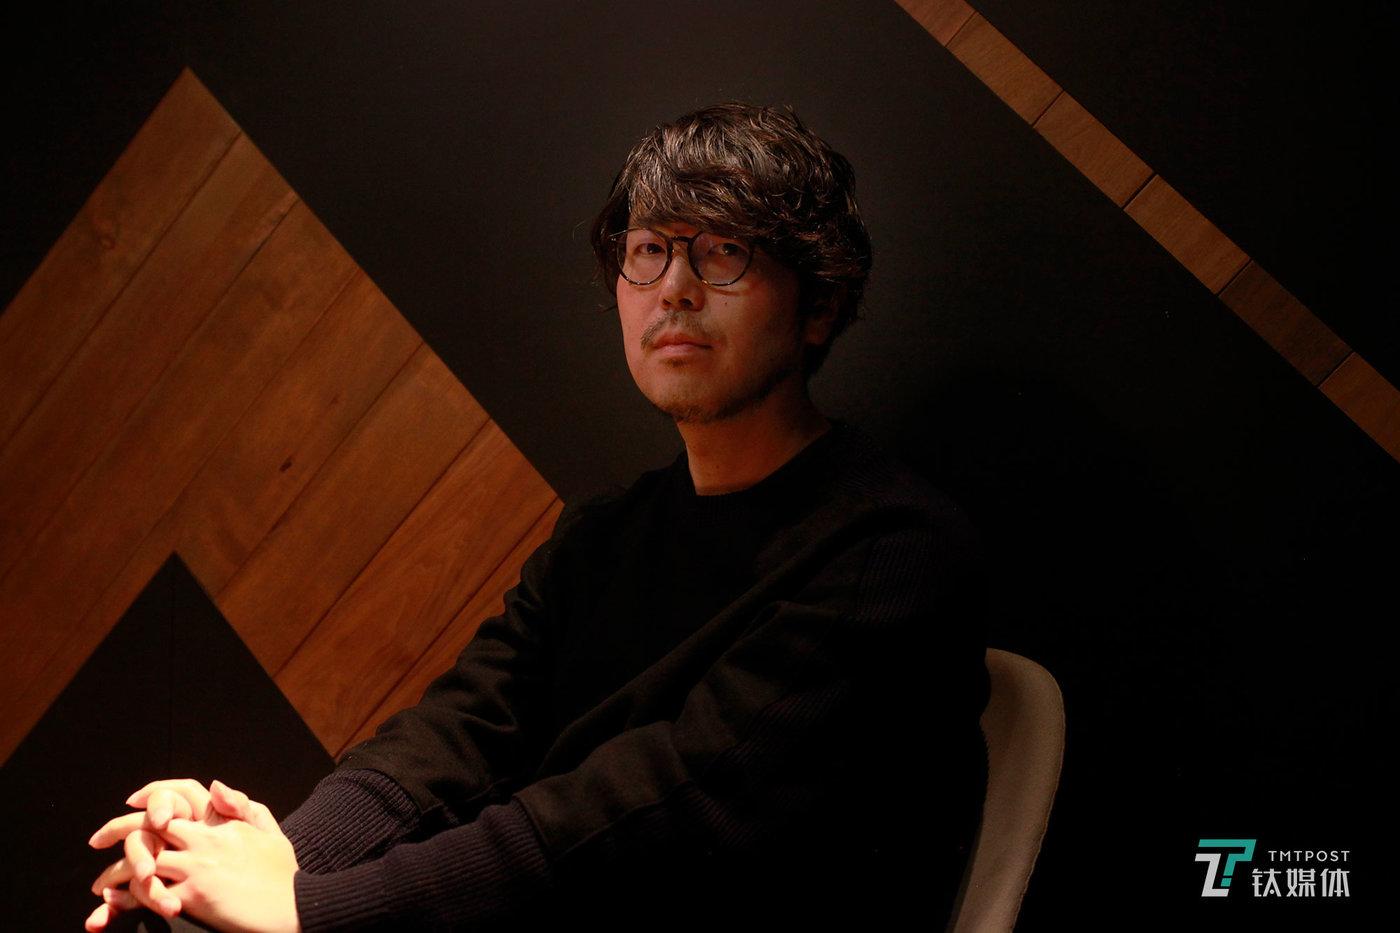 日本著名制片人、作家 川村元气,摄影:林徽